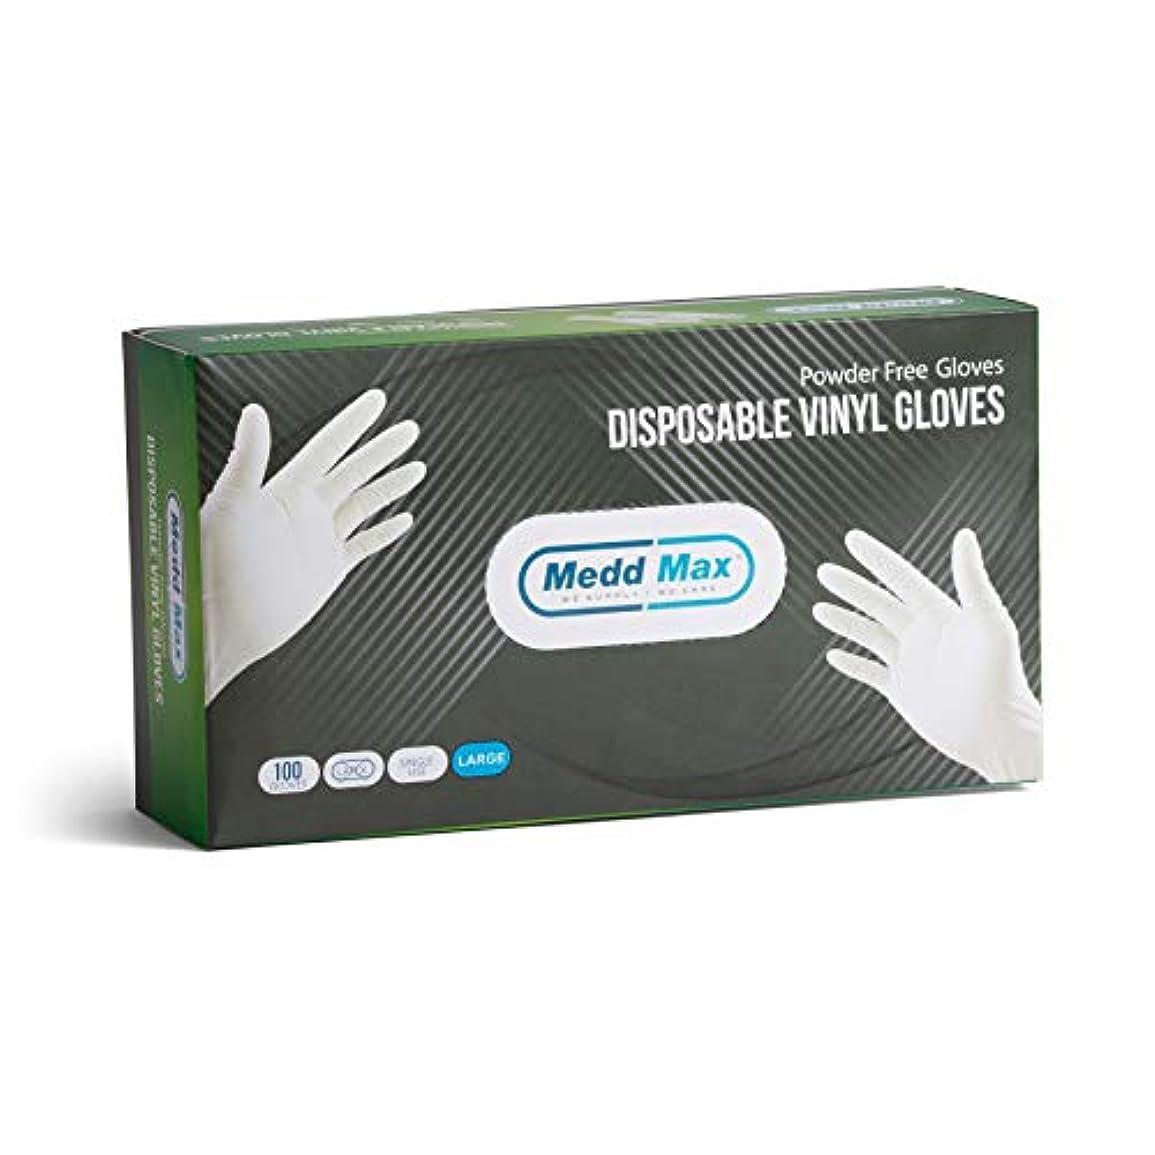 エンディング財団繰り返すMedd Max 使い捨て ビニール手袋 パウダー フリーサイズ ラージ 試験グレード 手袋